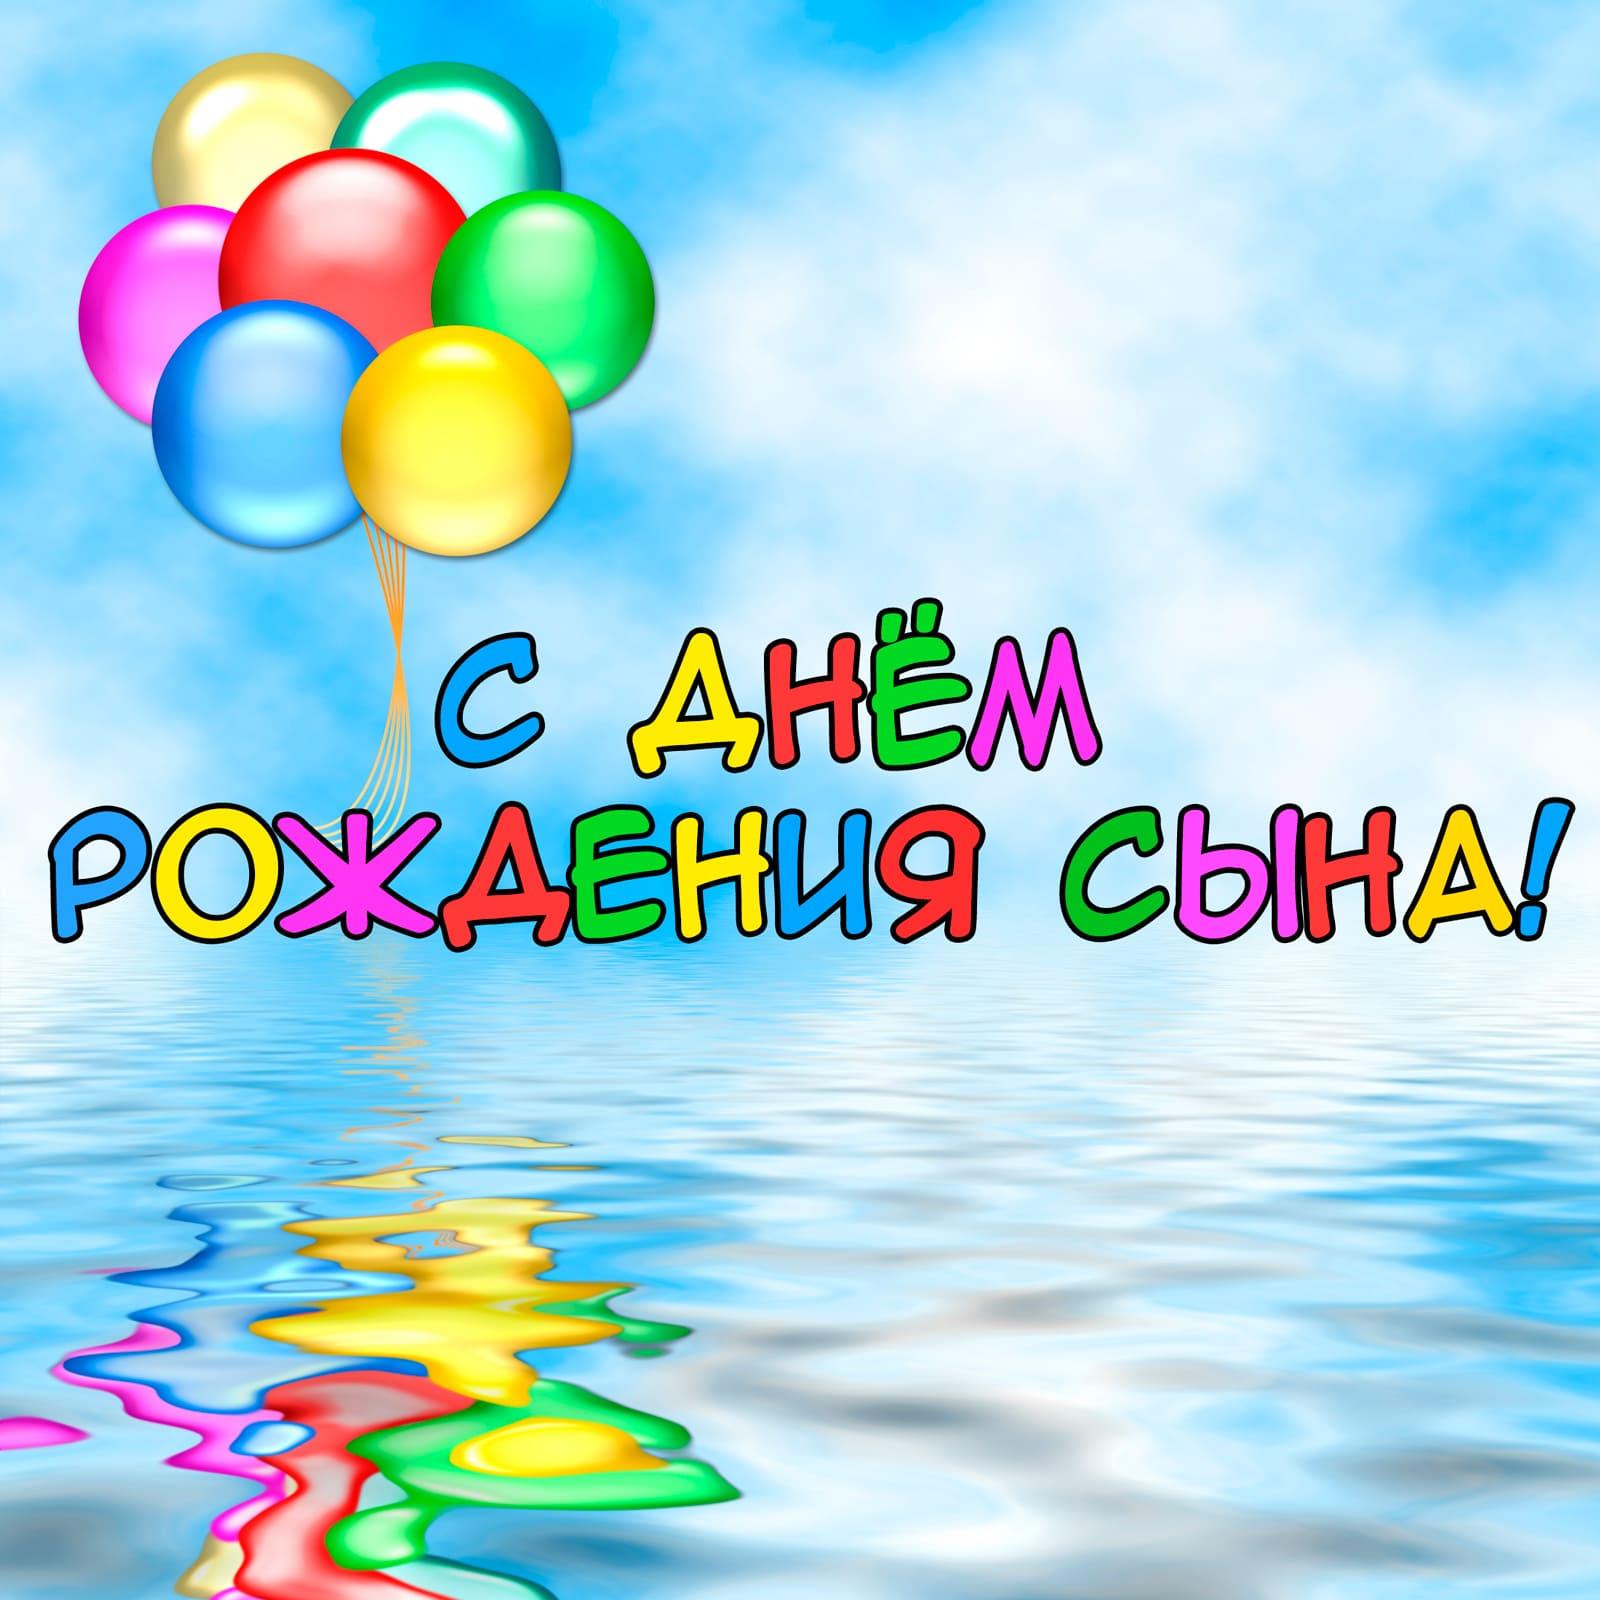 Изображение - Поздравление с рождением сына для мамы открытки pozdravlayu-s-dnem-rozhdeniya-sina-2